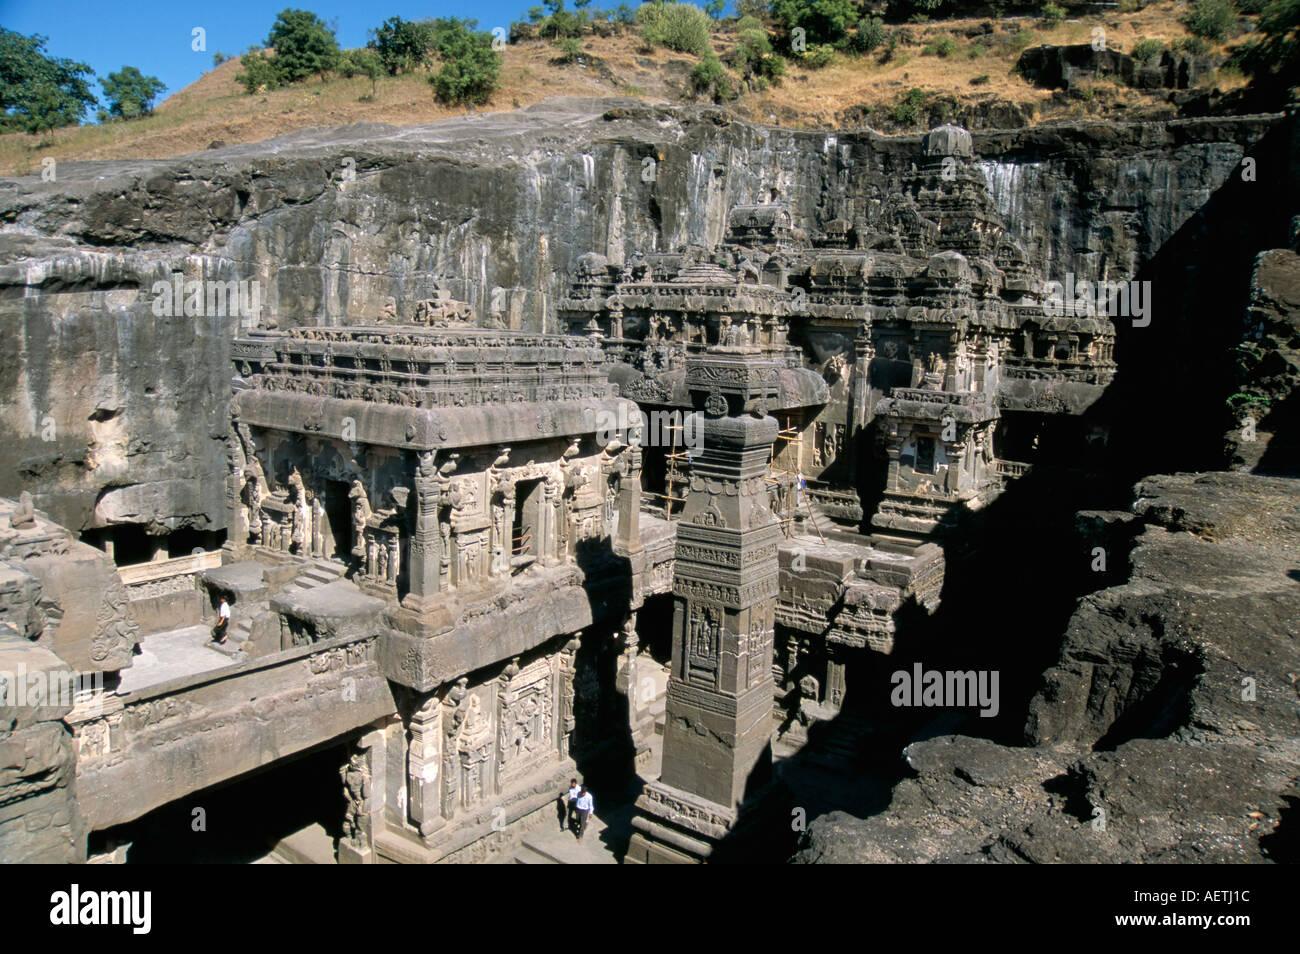 Kailasa hindu temple years old carved in situ